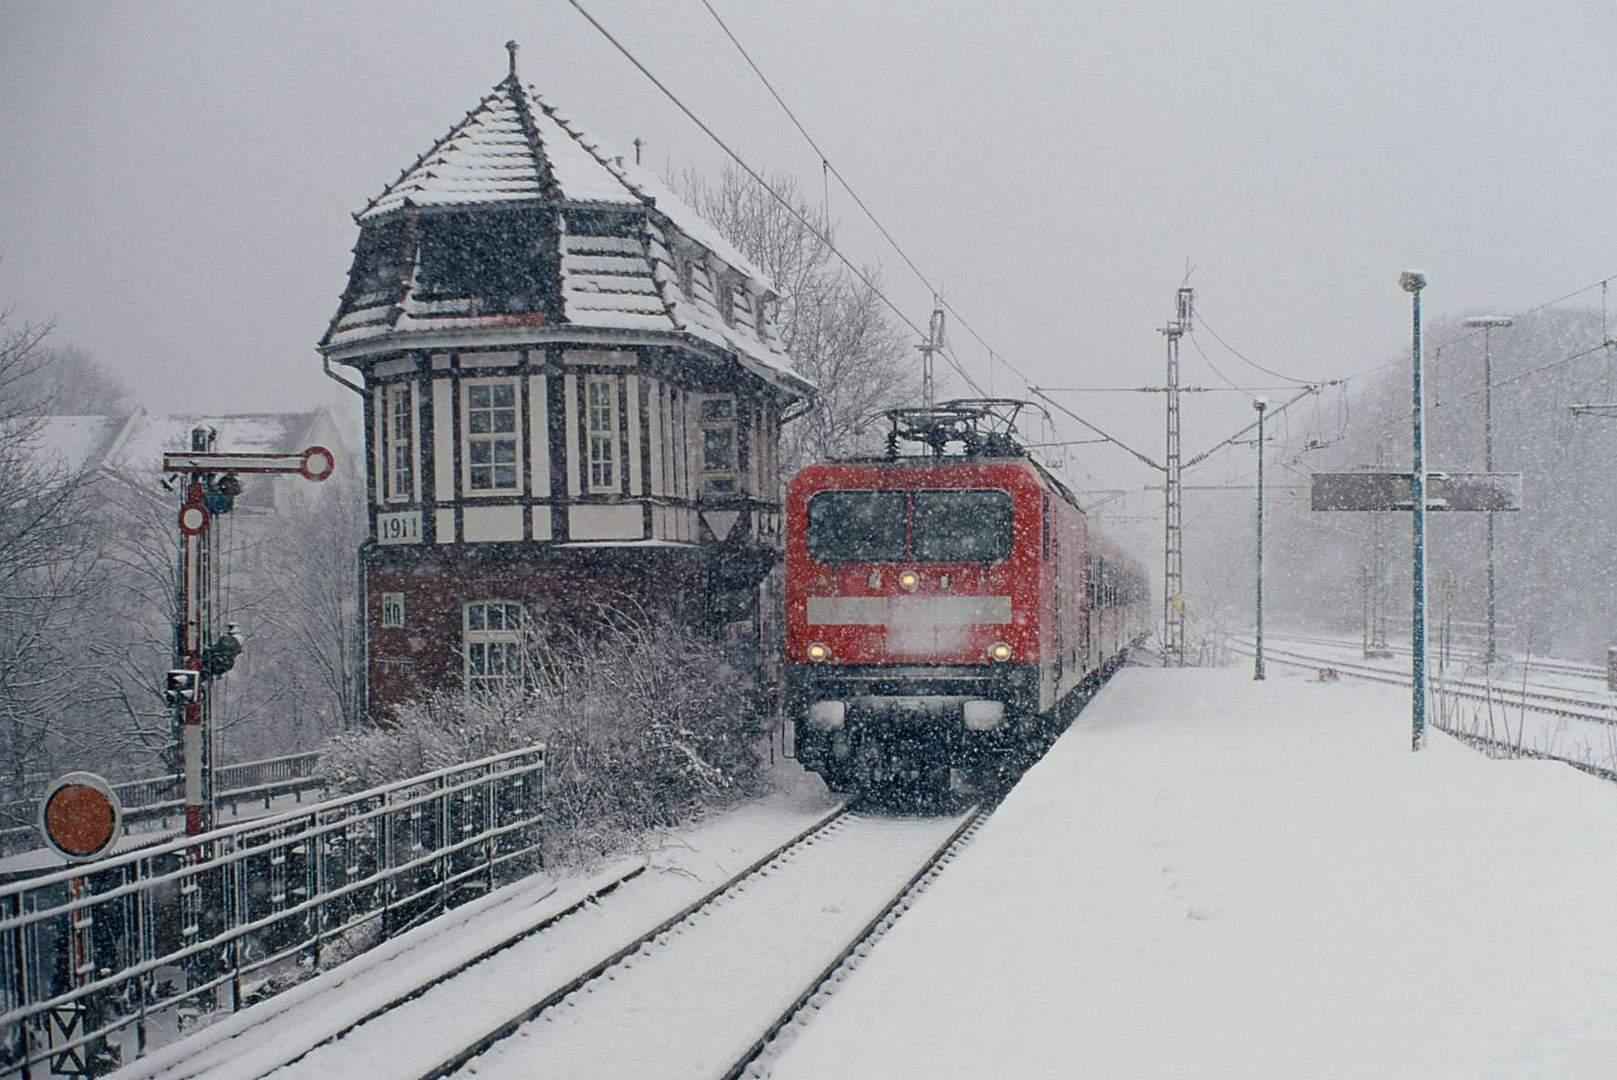 Rn Dienstag 10. 2. 2009 Weihnachten Weihnacht